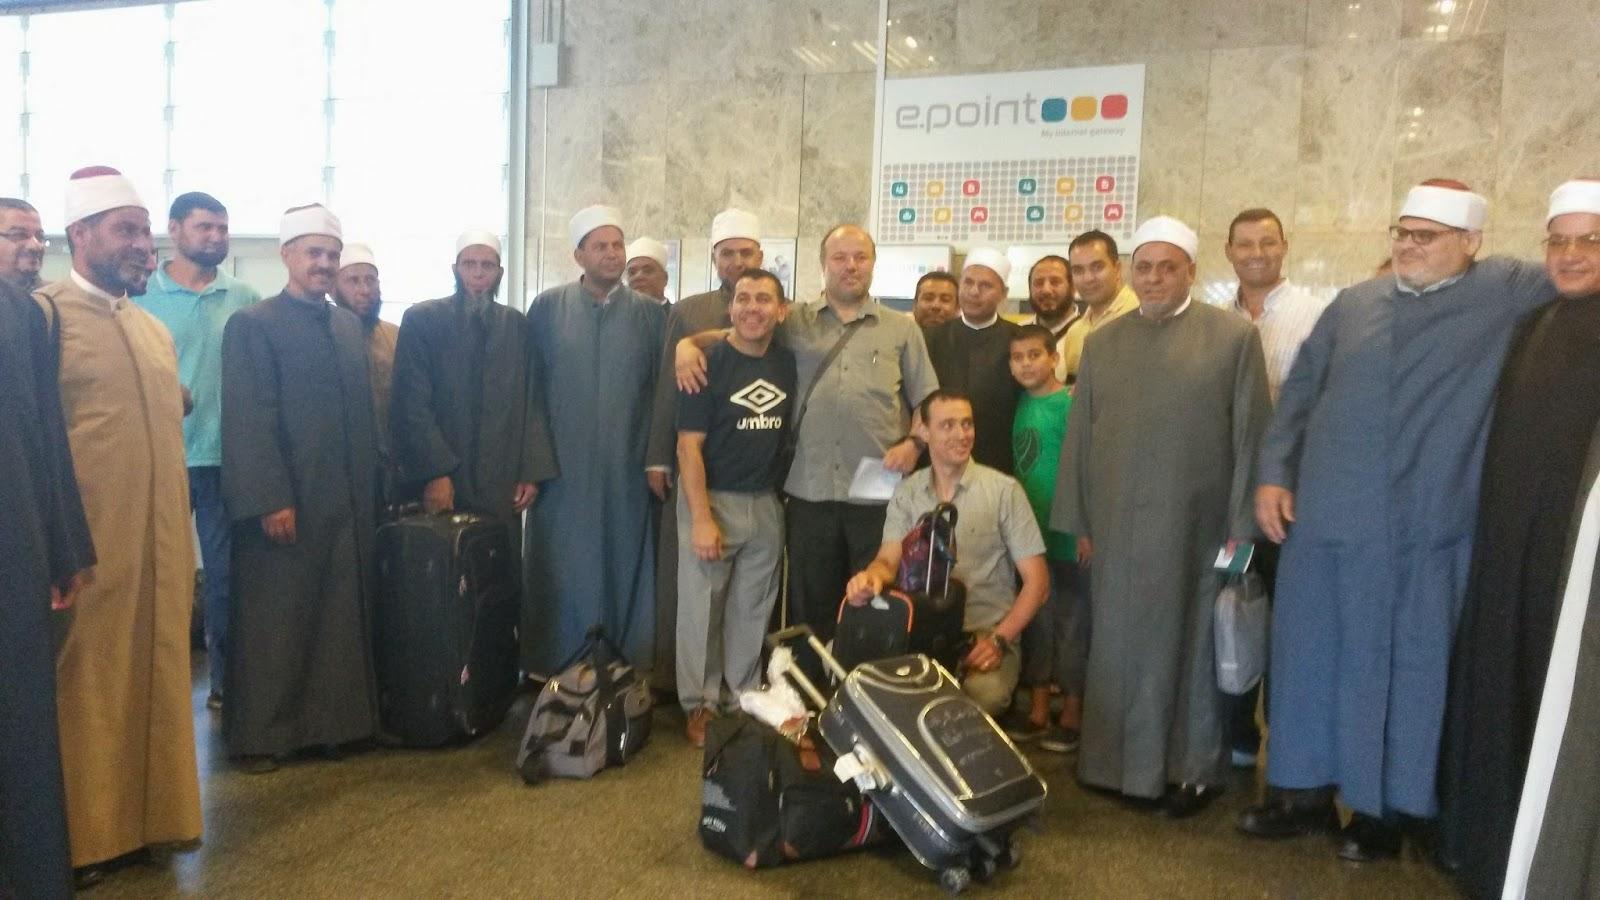 Los imames invitados en el mes de Ramadán retornan satisfechos